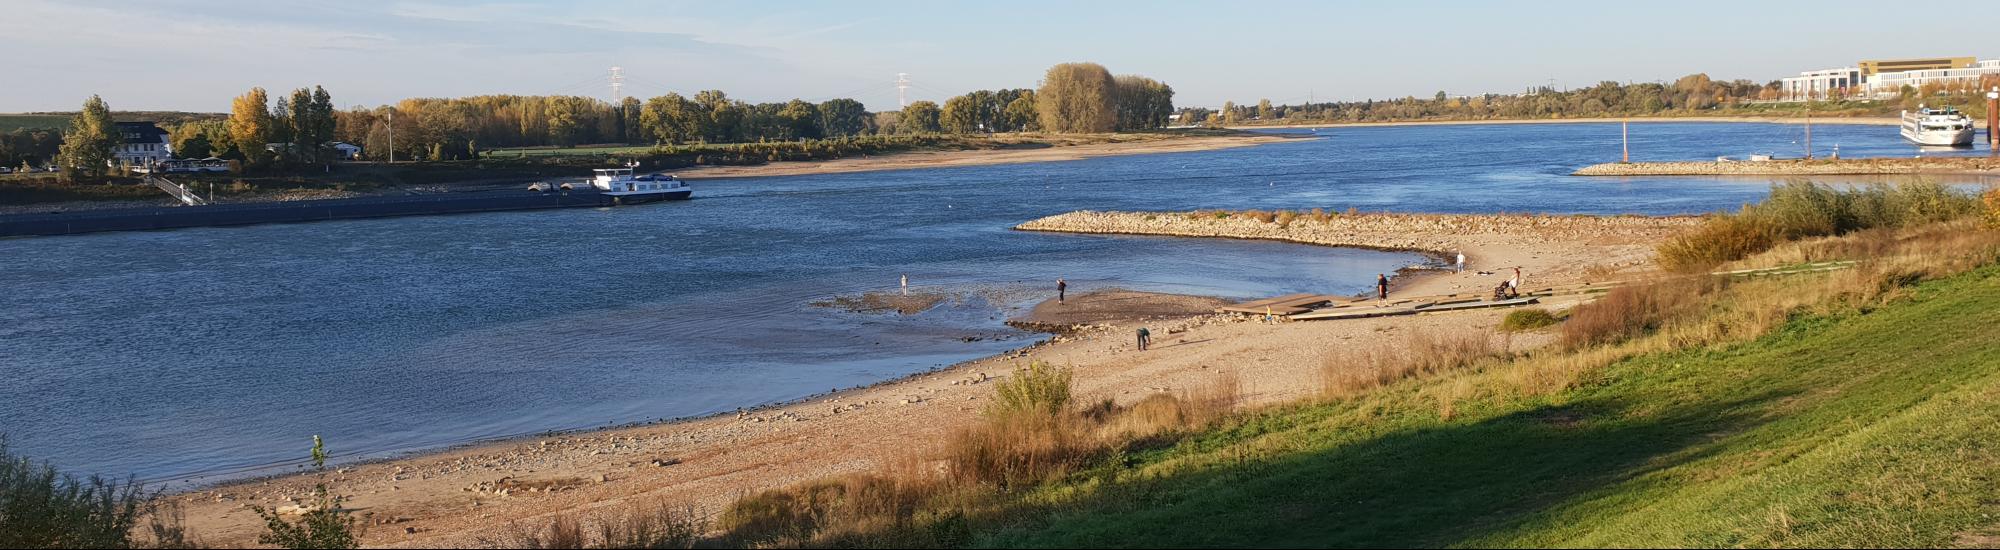 Modelle Monheim am Rhein